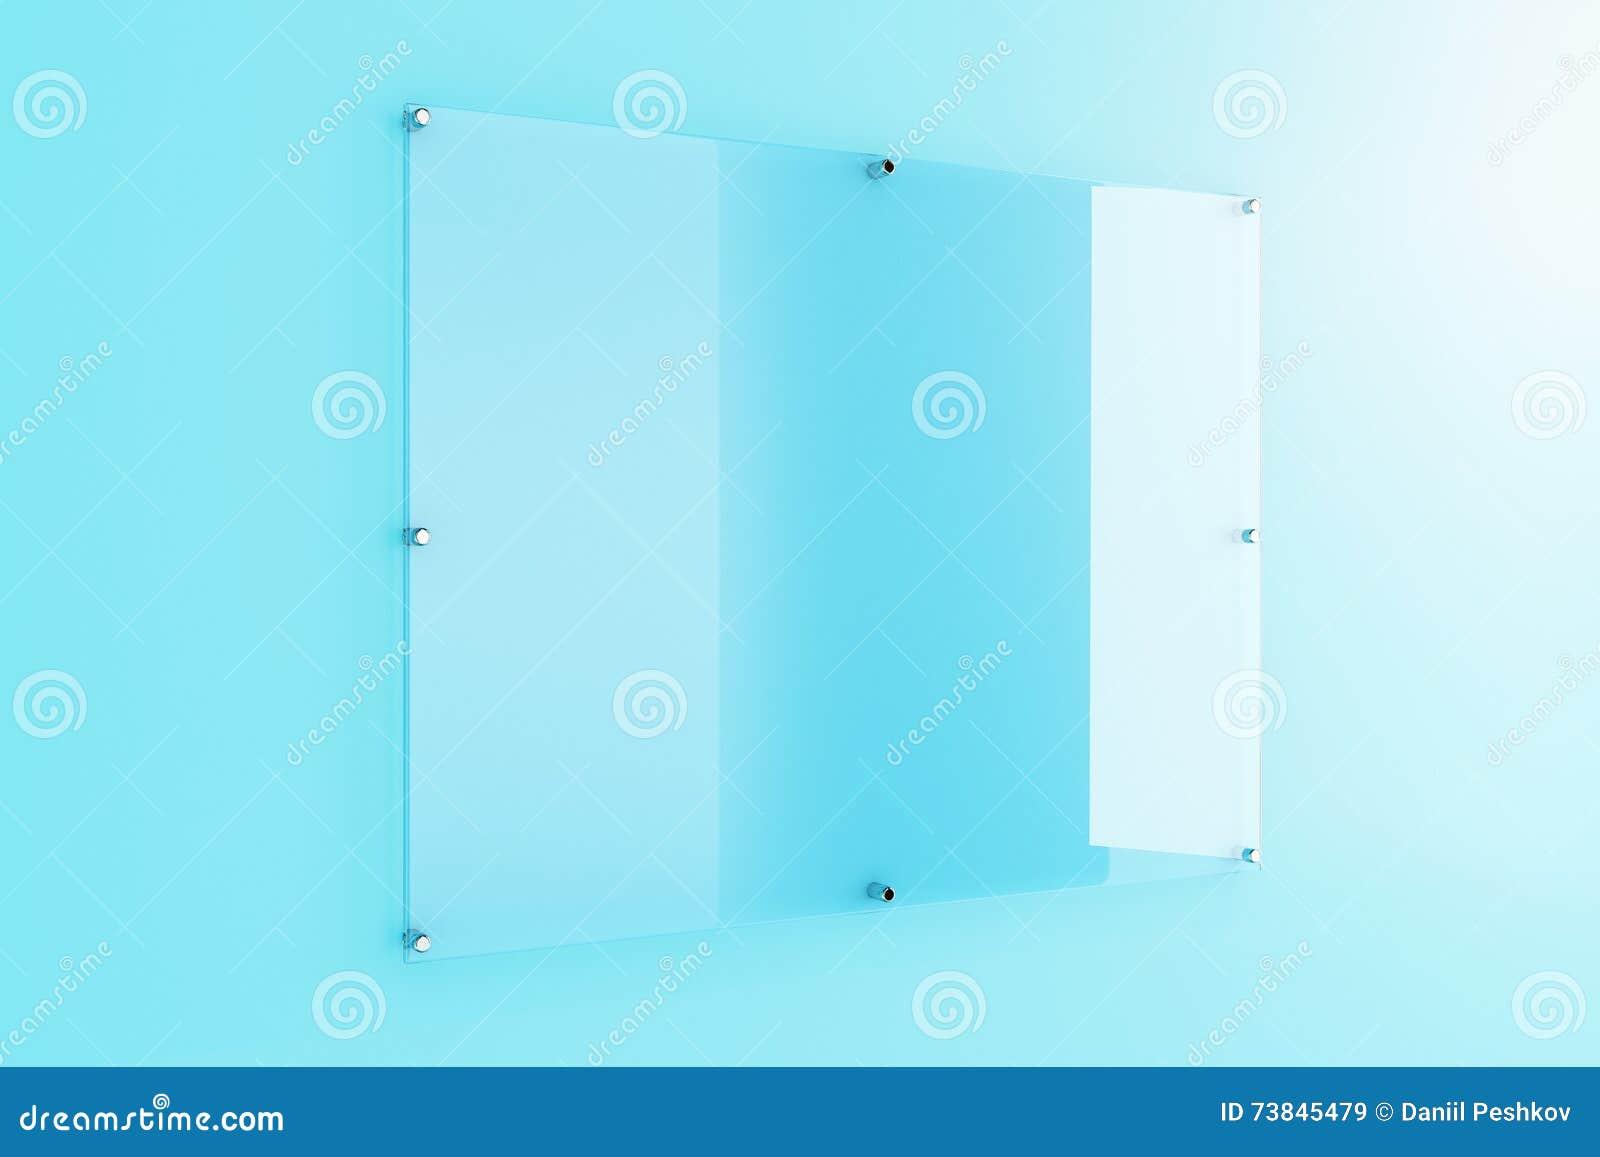 Glasplaat Voor Aan De Muur.Glasplaat Op Blauwe Muur Stock Illustratie Illustratie